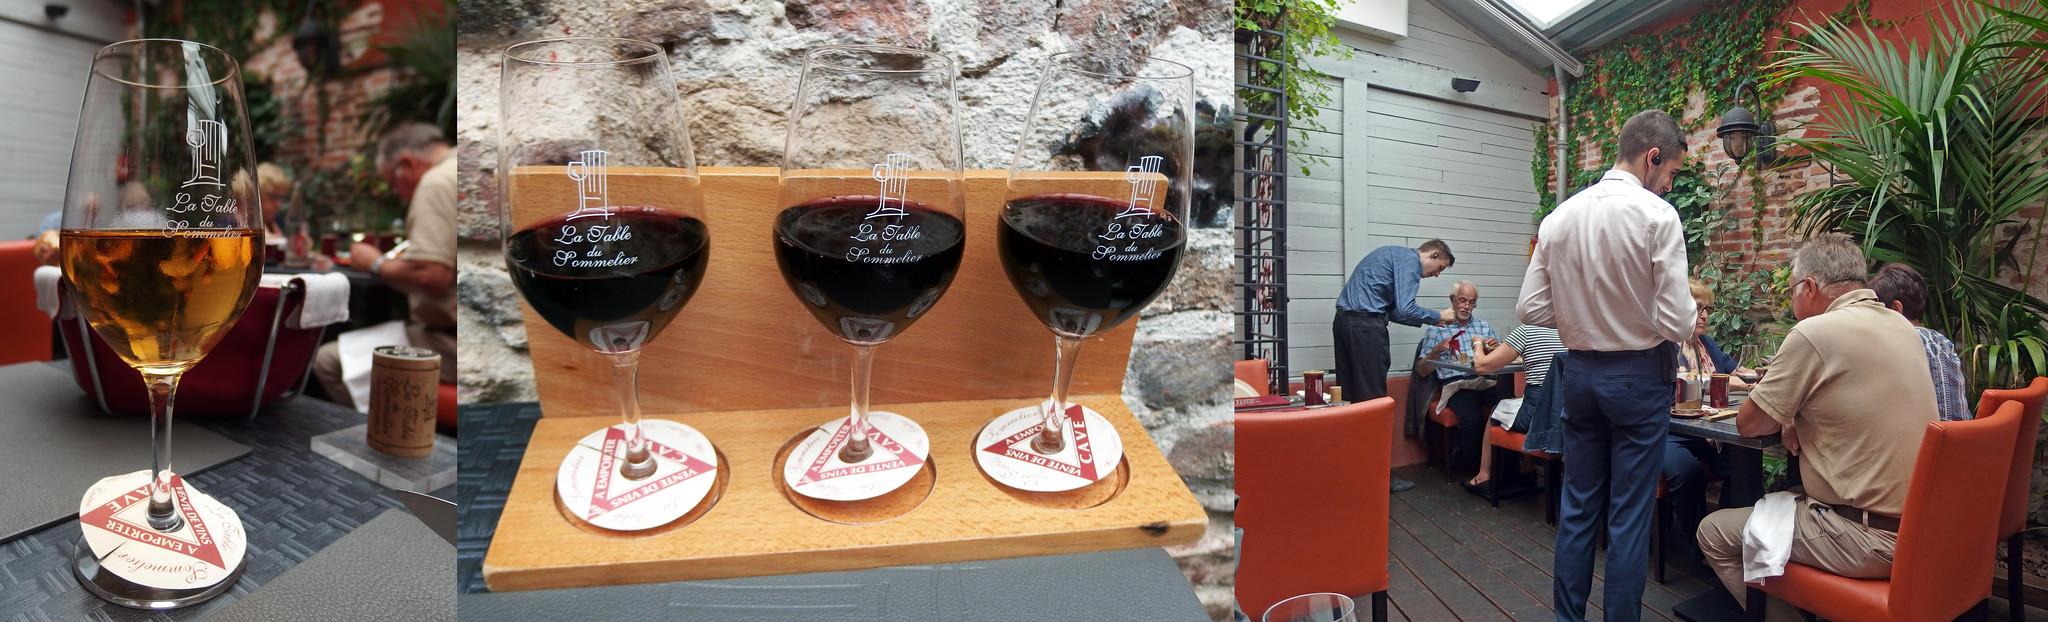 La table du sommelier albi gaillac gegeten gedronken - Restaurant la table du sommelier albi ...